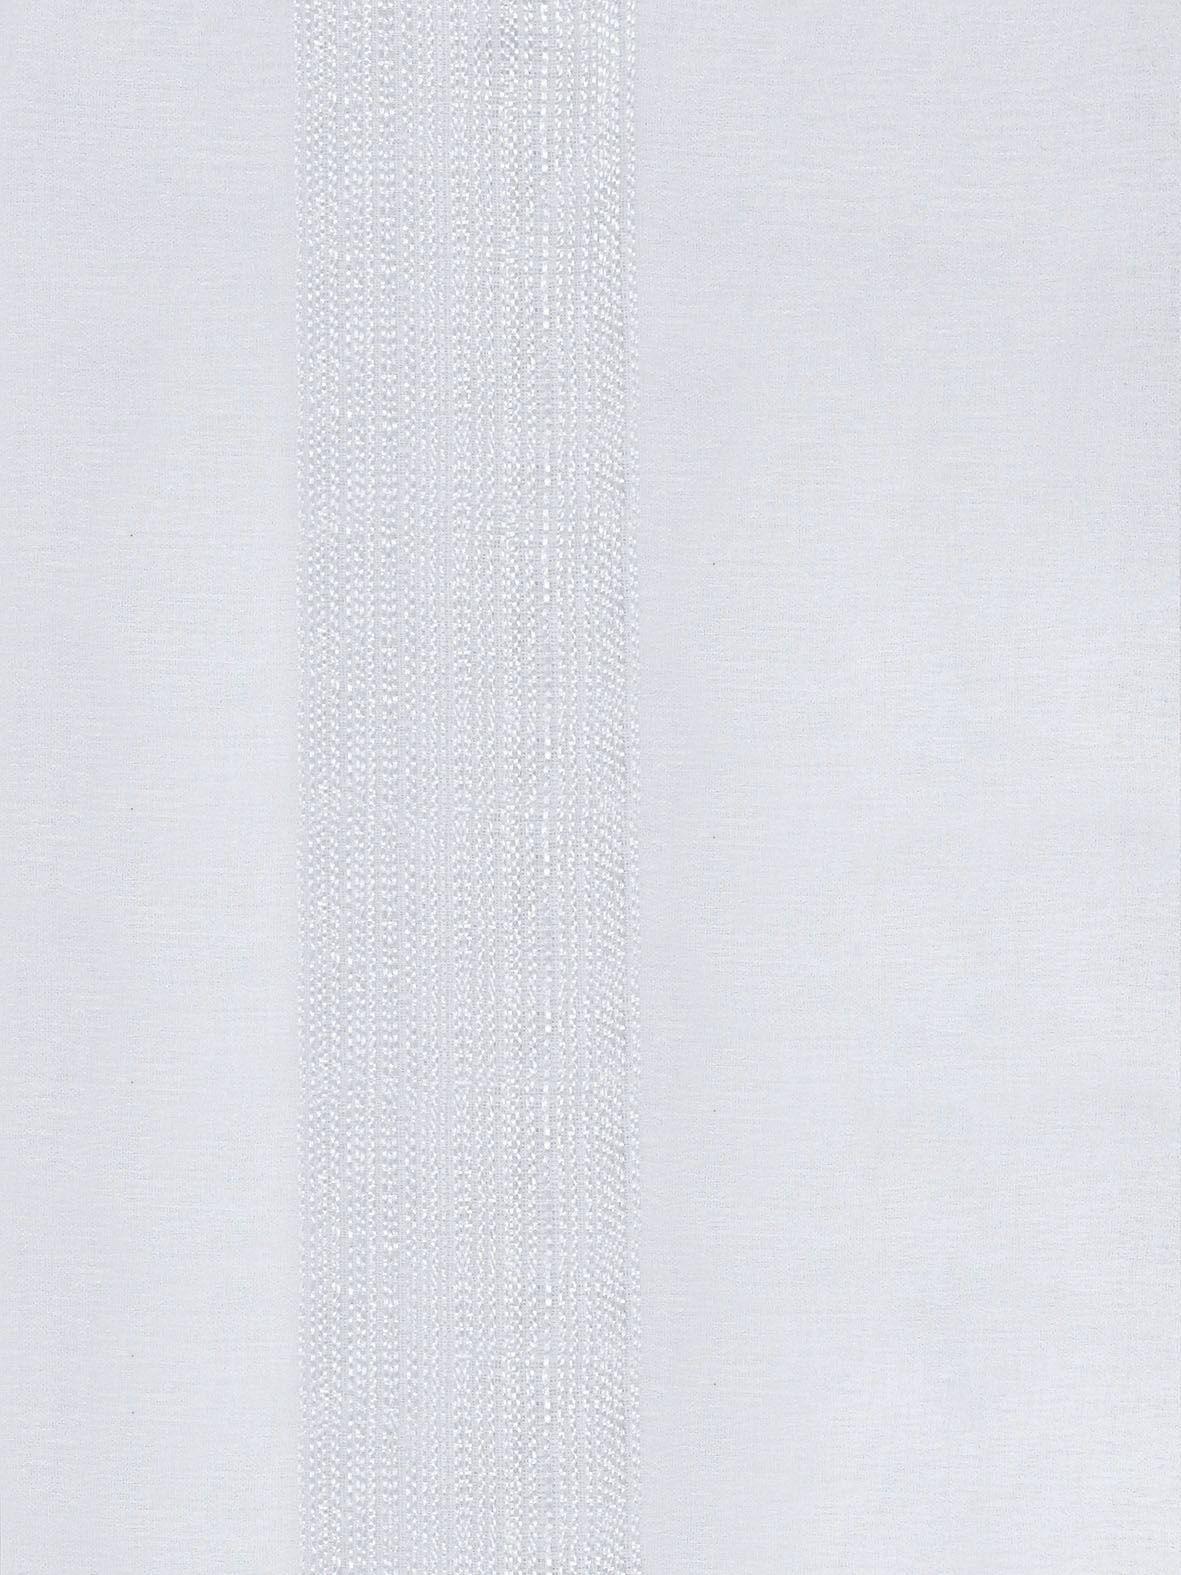 CORTINA VOAL TRABALHADO PARA VARÃO SIMPLES CROMADO 2,00 x 2,50 SALA E QUARTO TEXTURE - BRANCO  - Rose Jordão